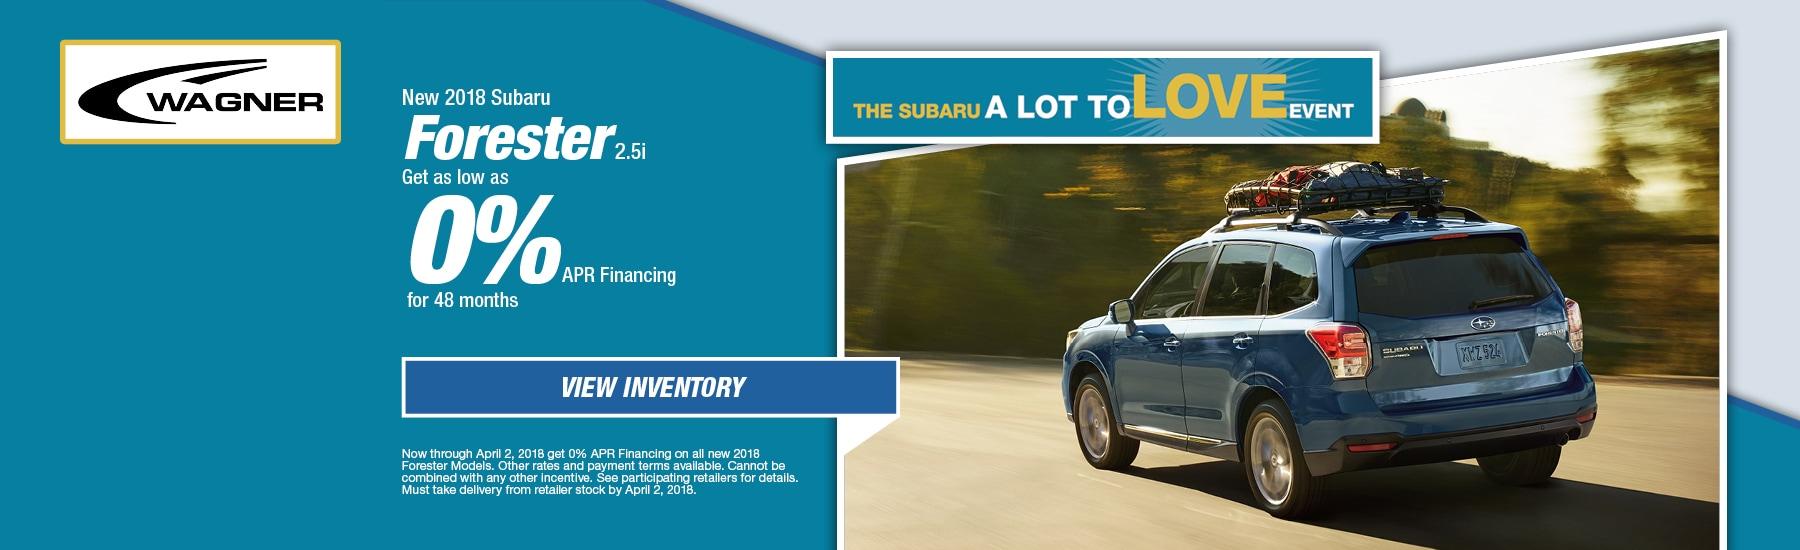 New and Used Subaru Dealer near Dayton, Ohio   Wagner Subaru ...